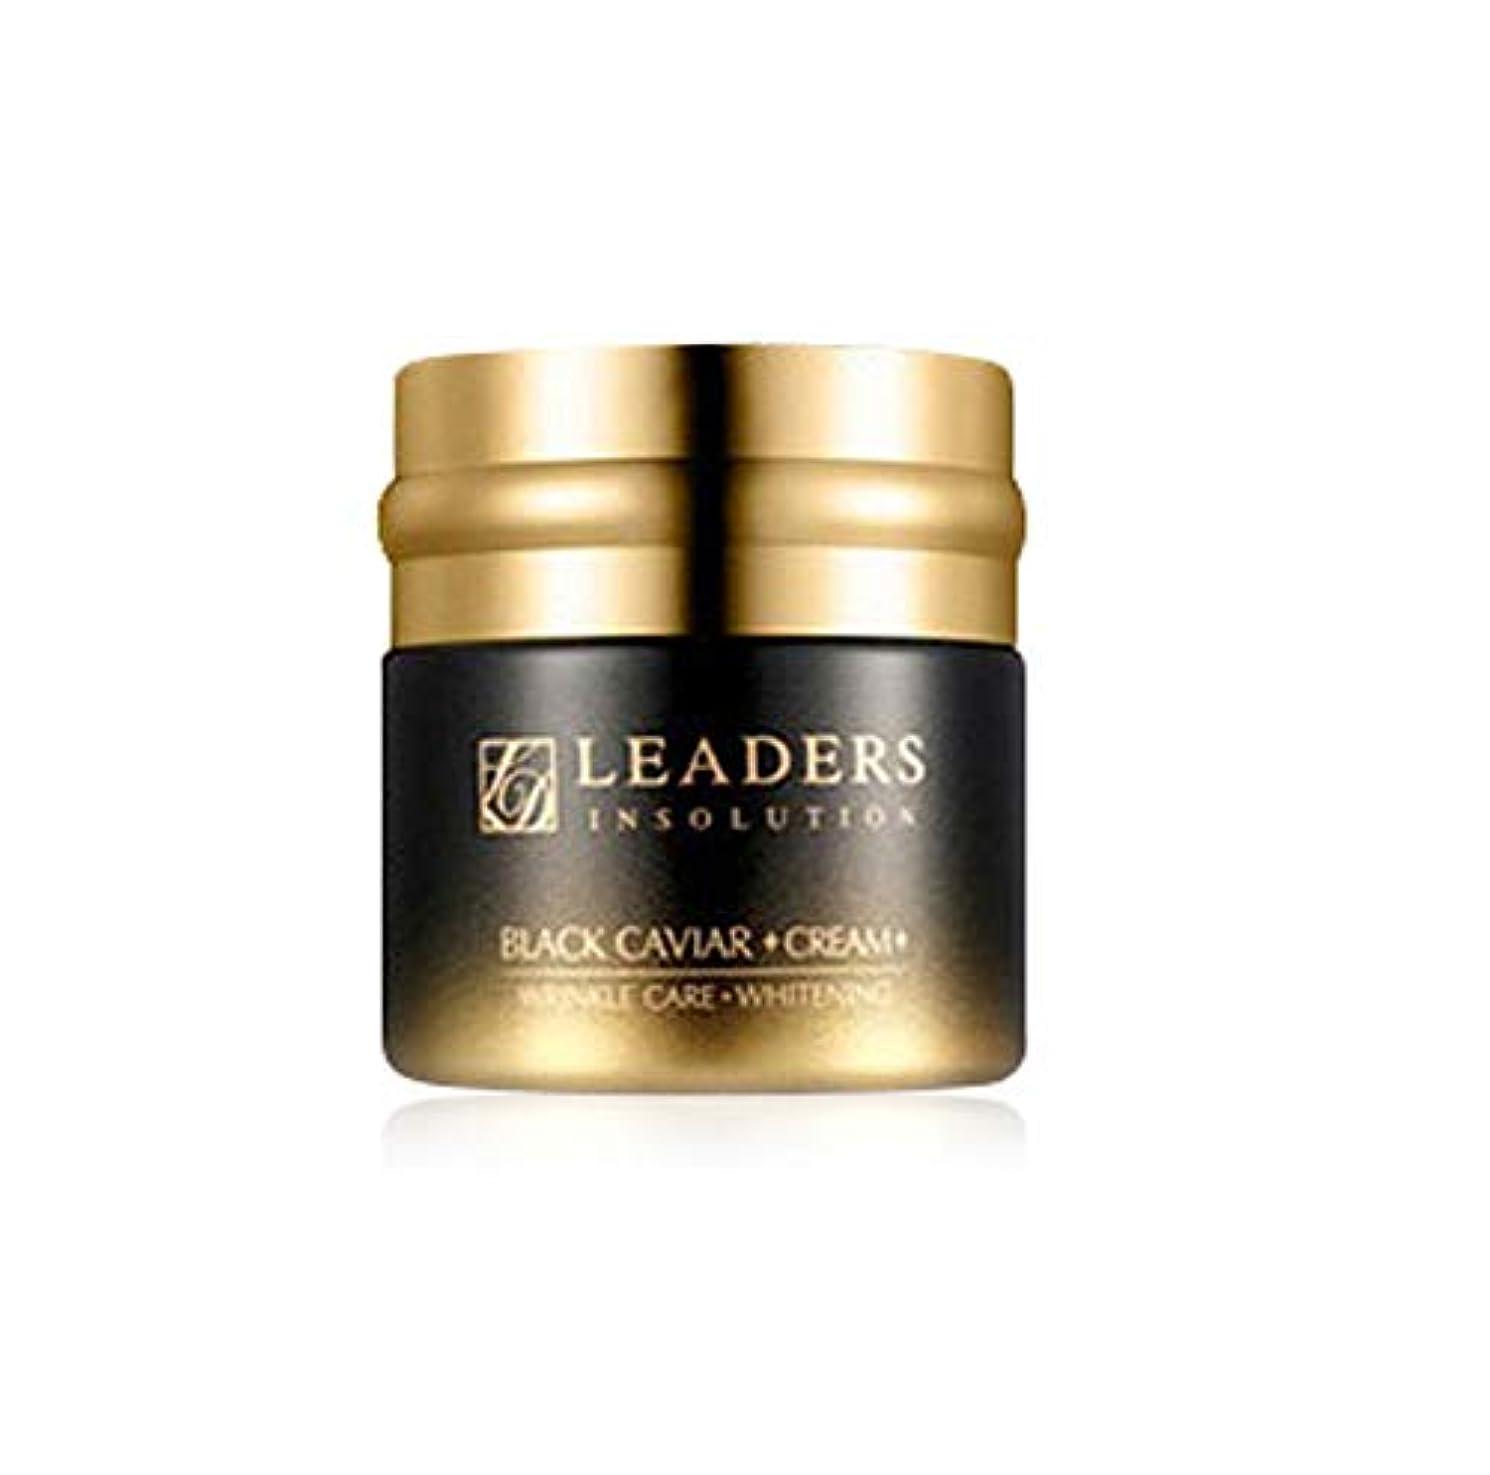 元の円周欲しいですリーダースLEADERS 韓国コスメ ブラックキャビアクリーム65g 海外直送品 Black Caviar Cream [並行輸入品]